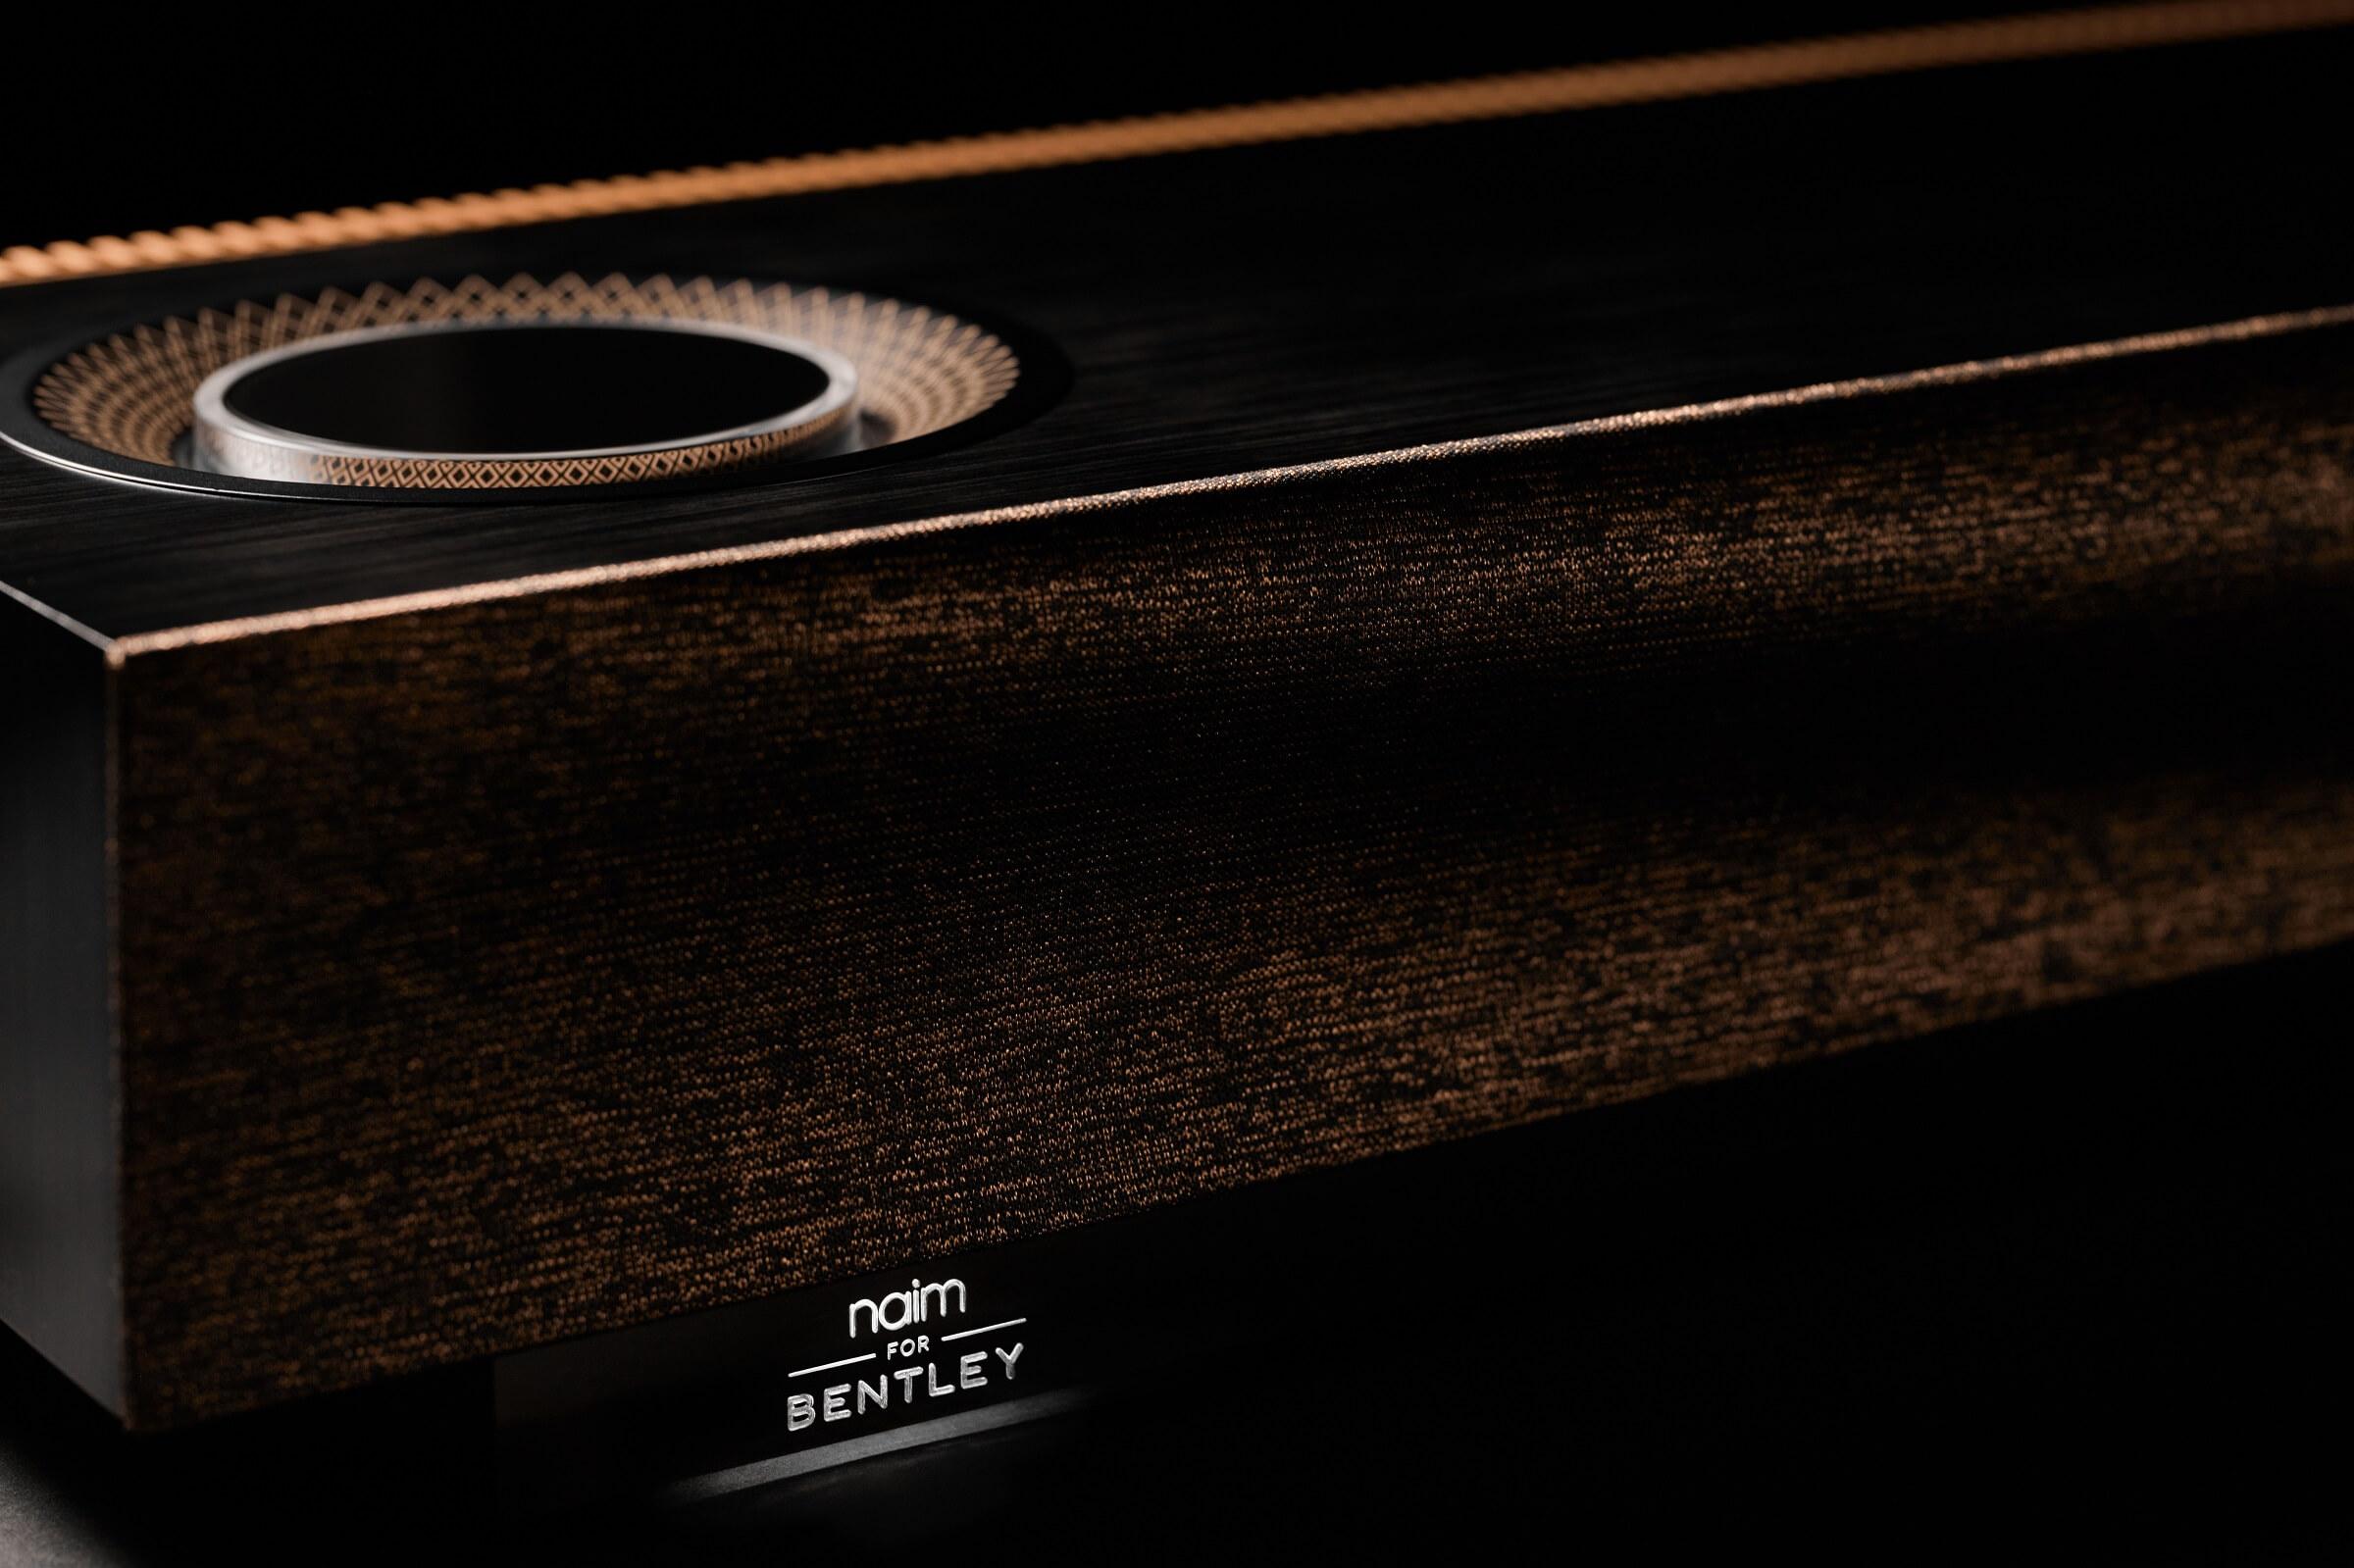 """Ασύρματο σύστημα ηχείων """"Naim for Bentley Mu-so Special Edition"""""""